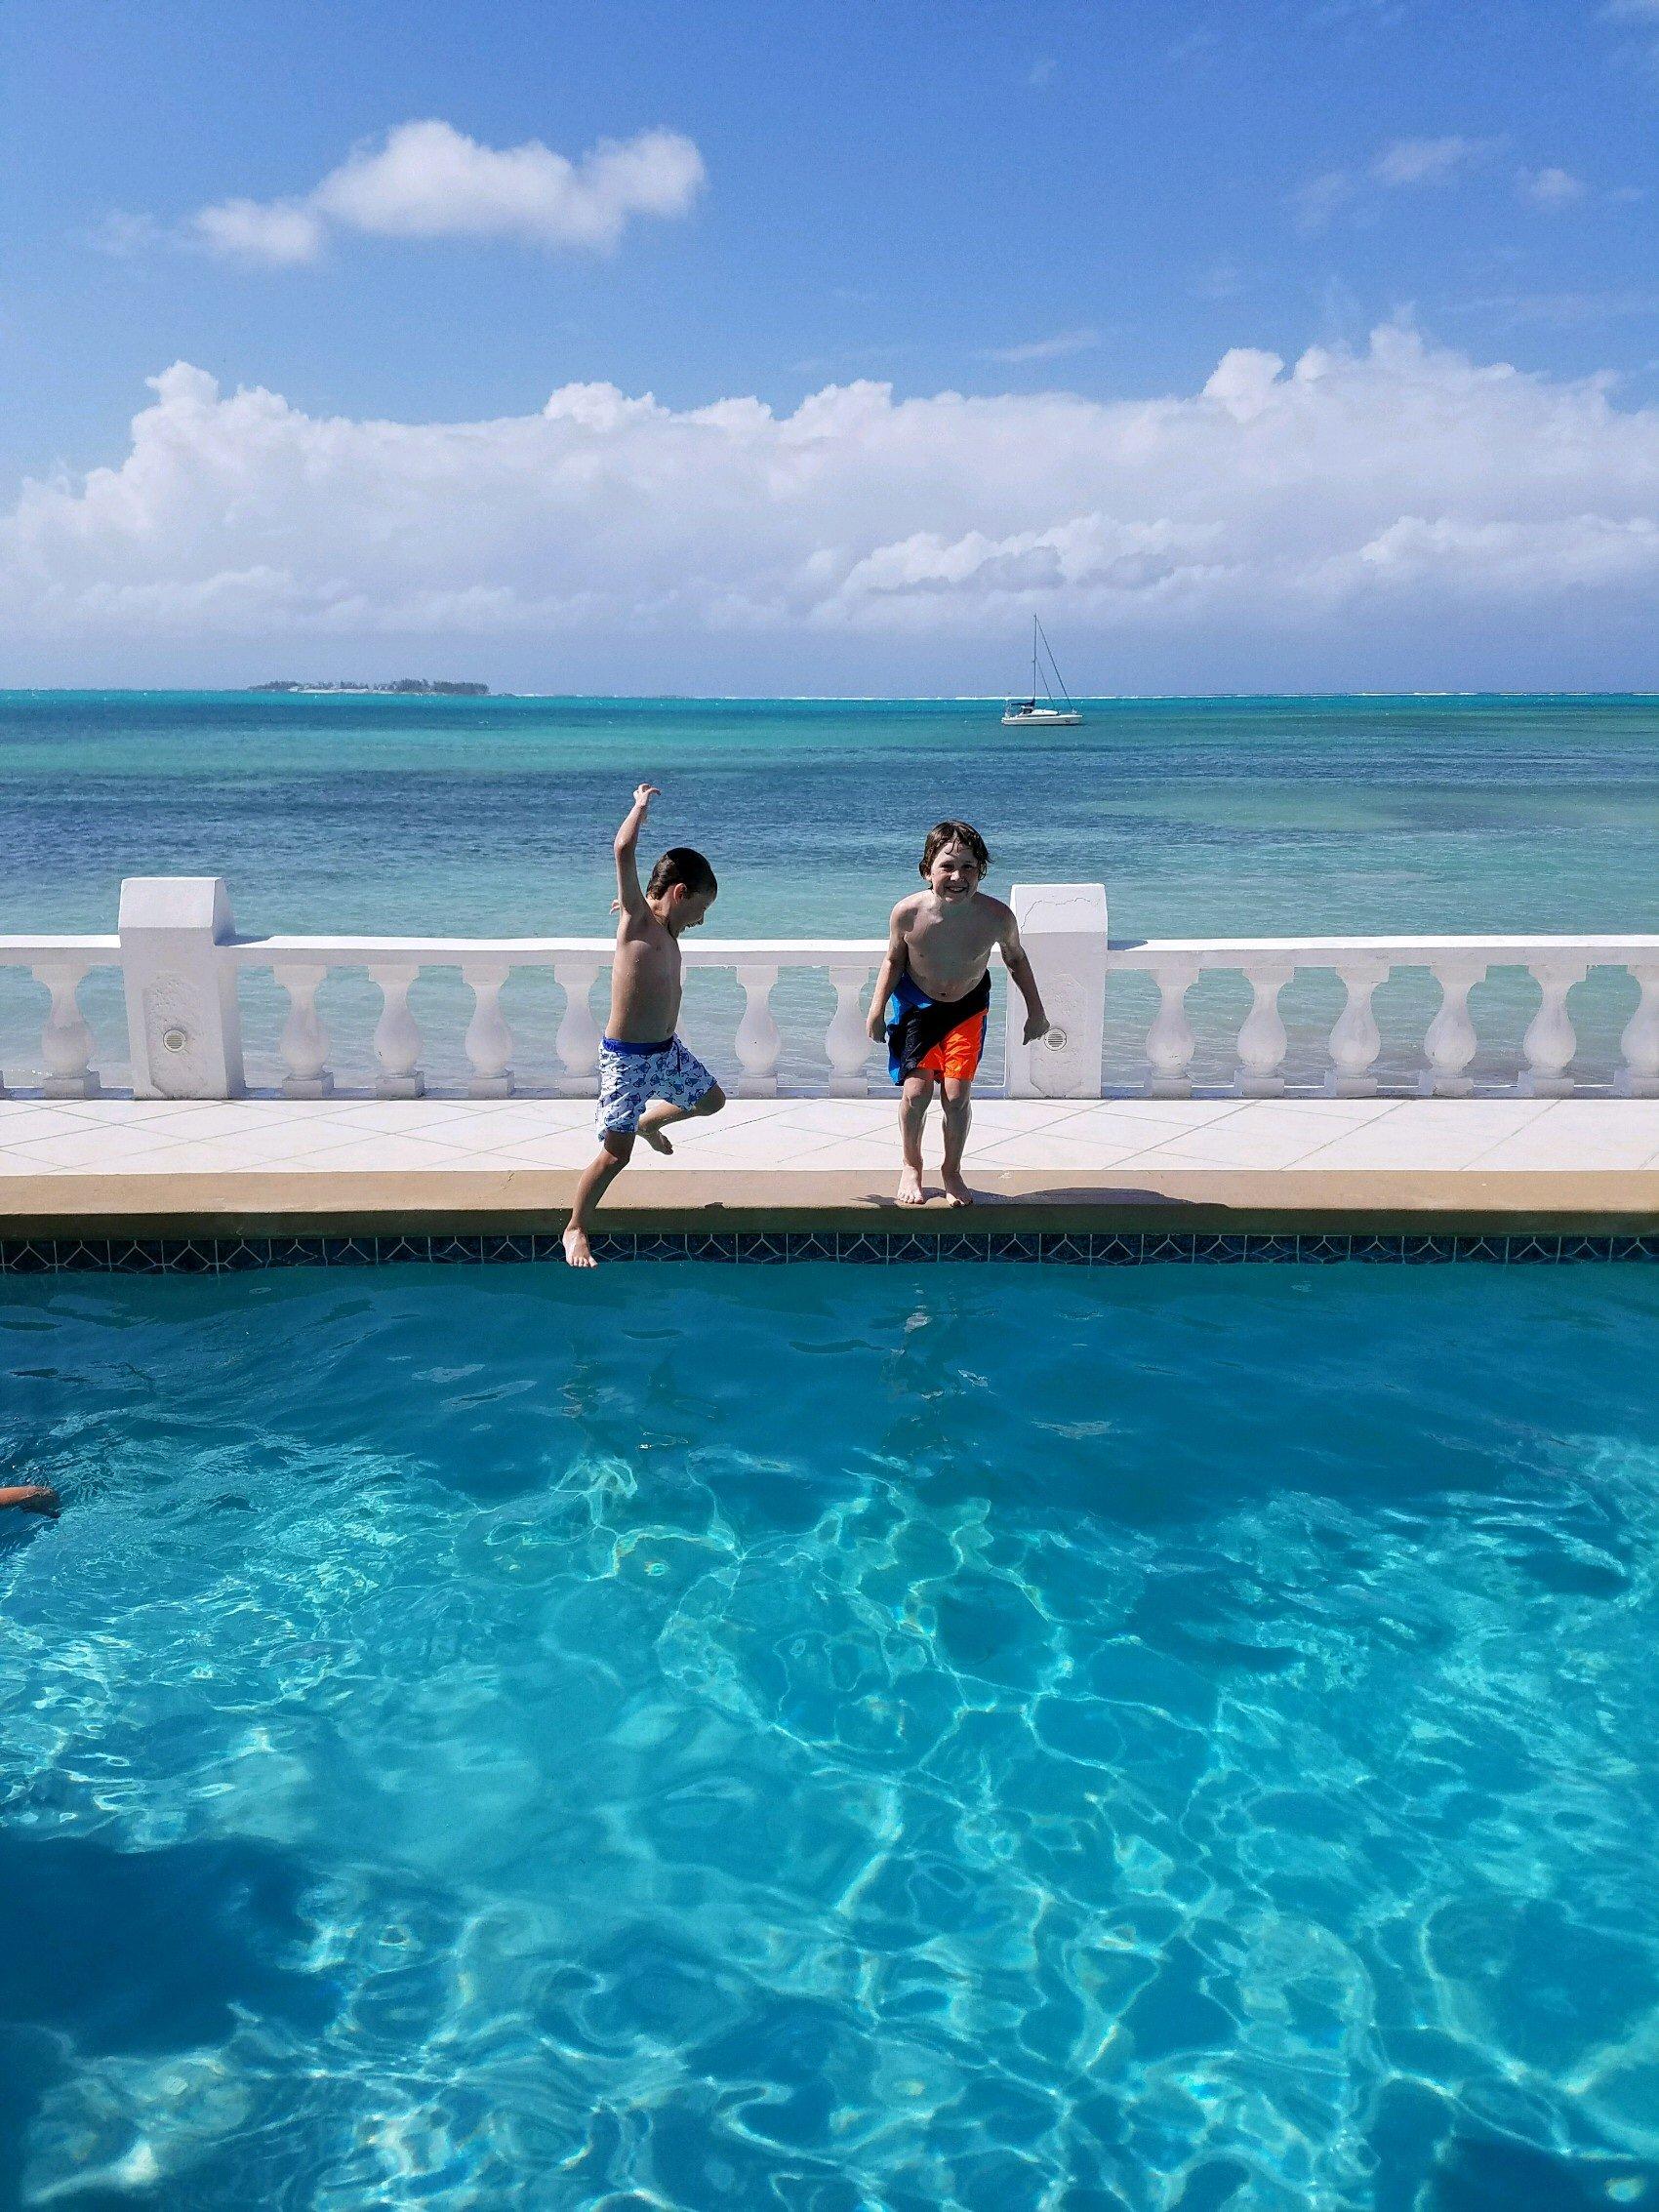 Bahamas boys jump